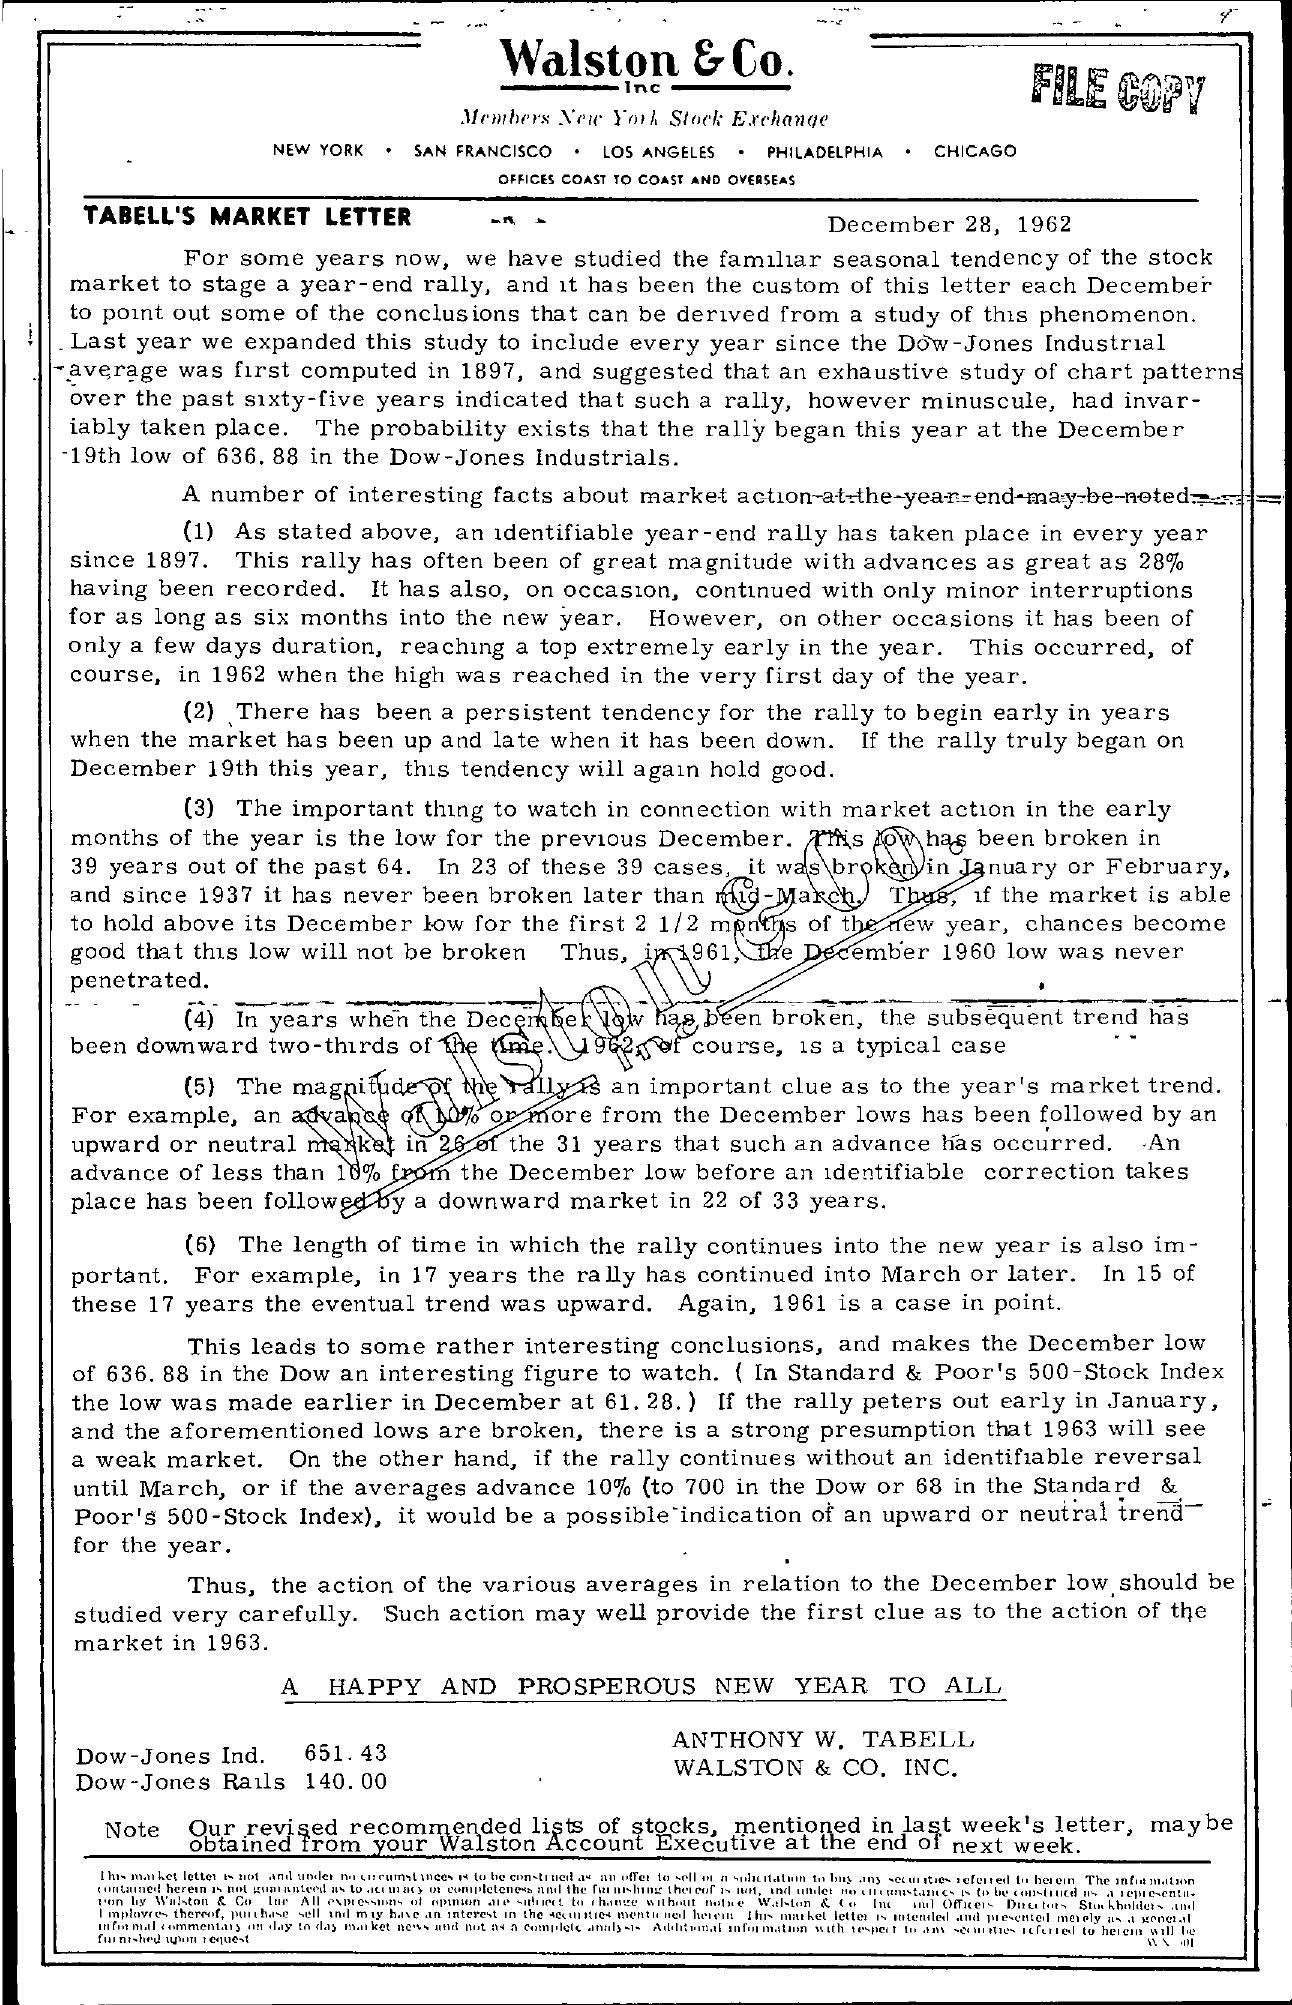 Tabell's Market Letter - December 28, 1962